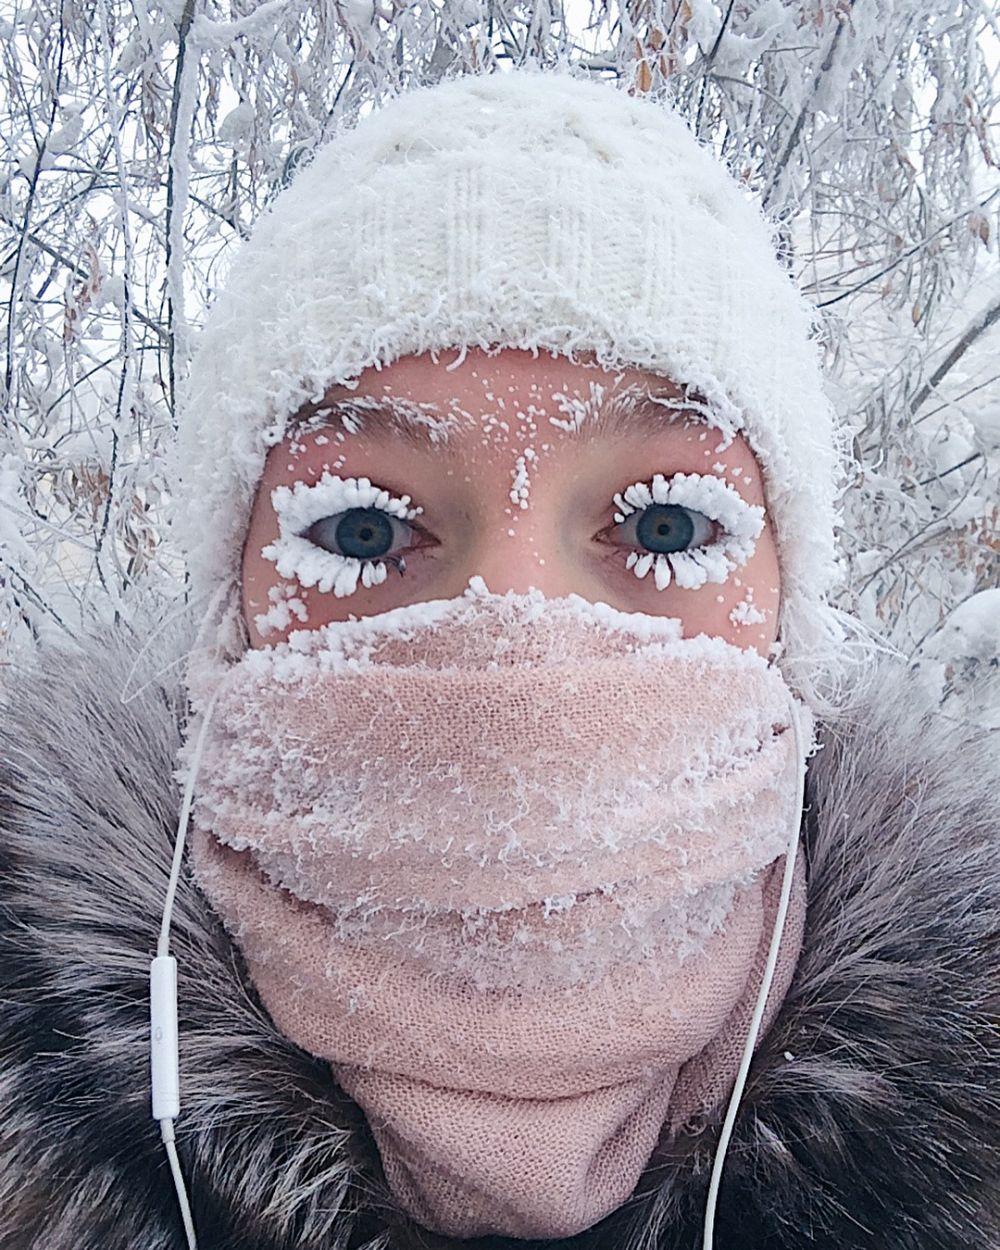 desa beku siberia © 2018 brilio.net berbagai sumber